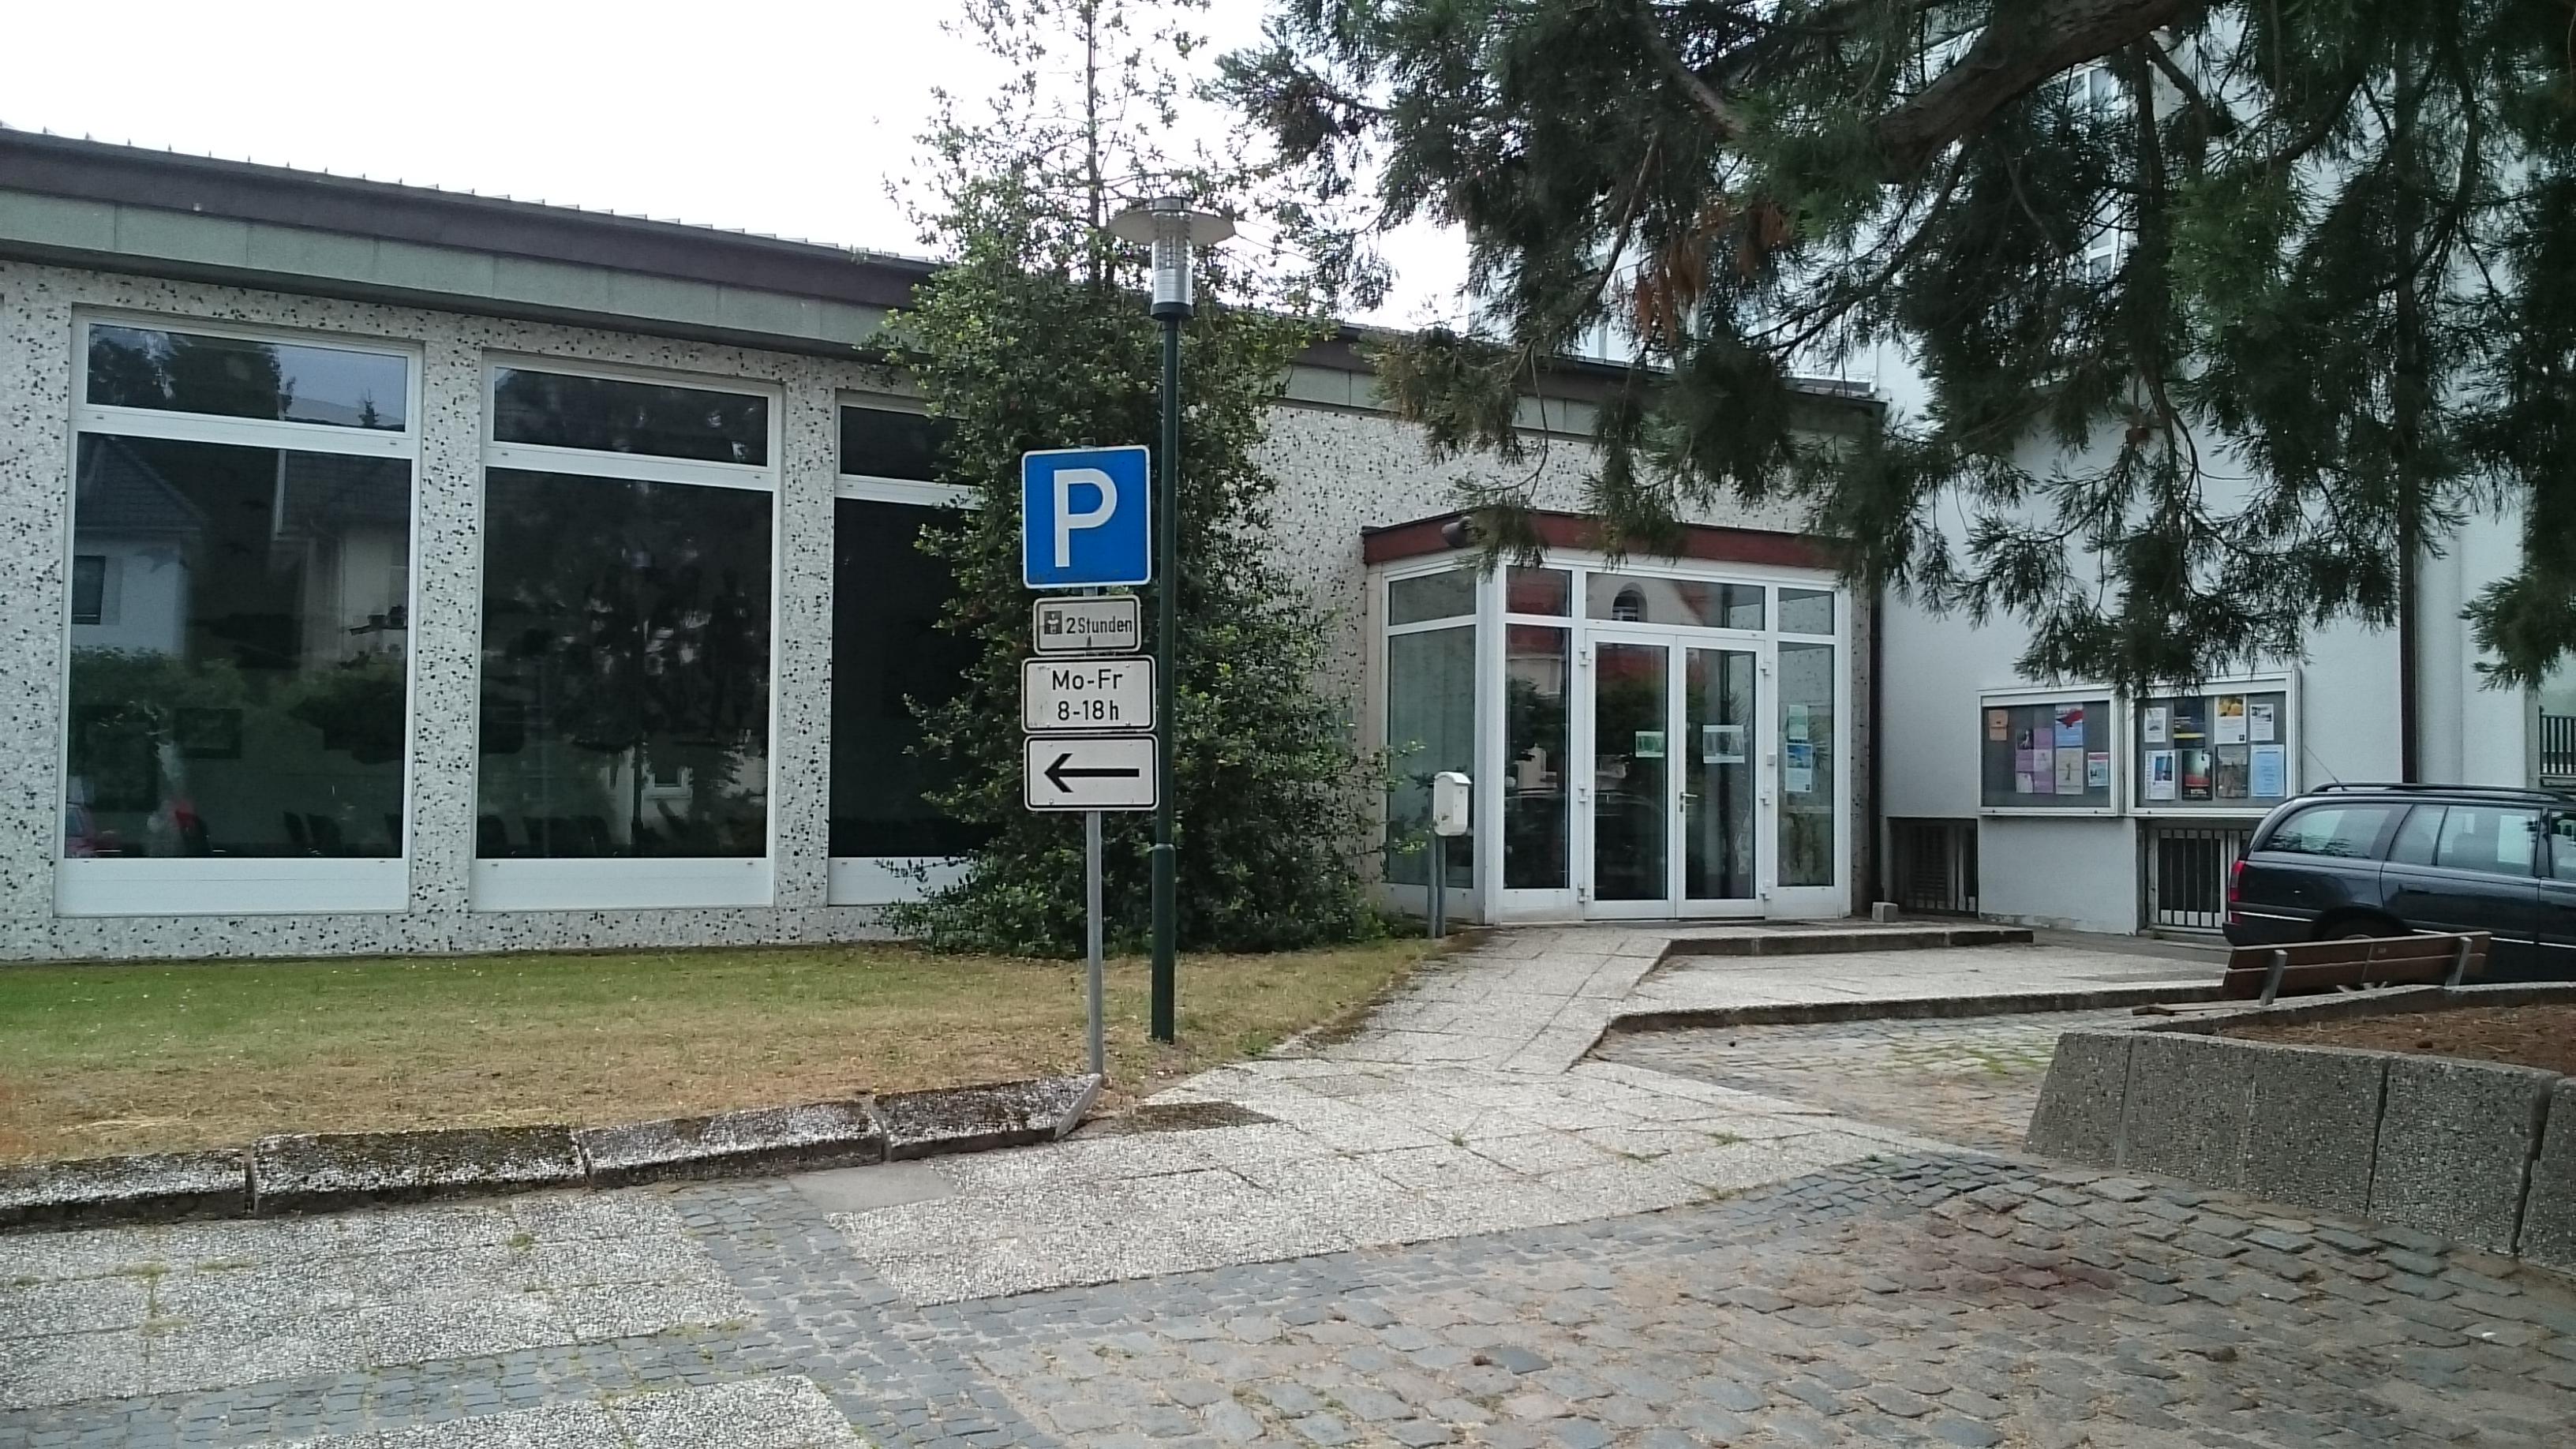 Museum in Schillerstr. 8-10 23611 Bad Schwartau